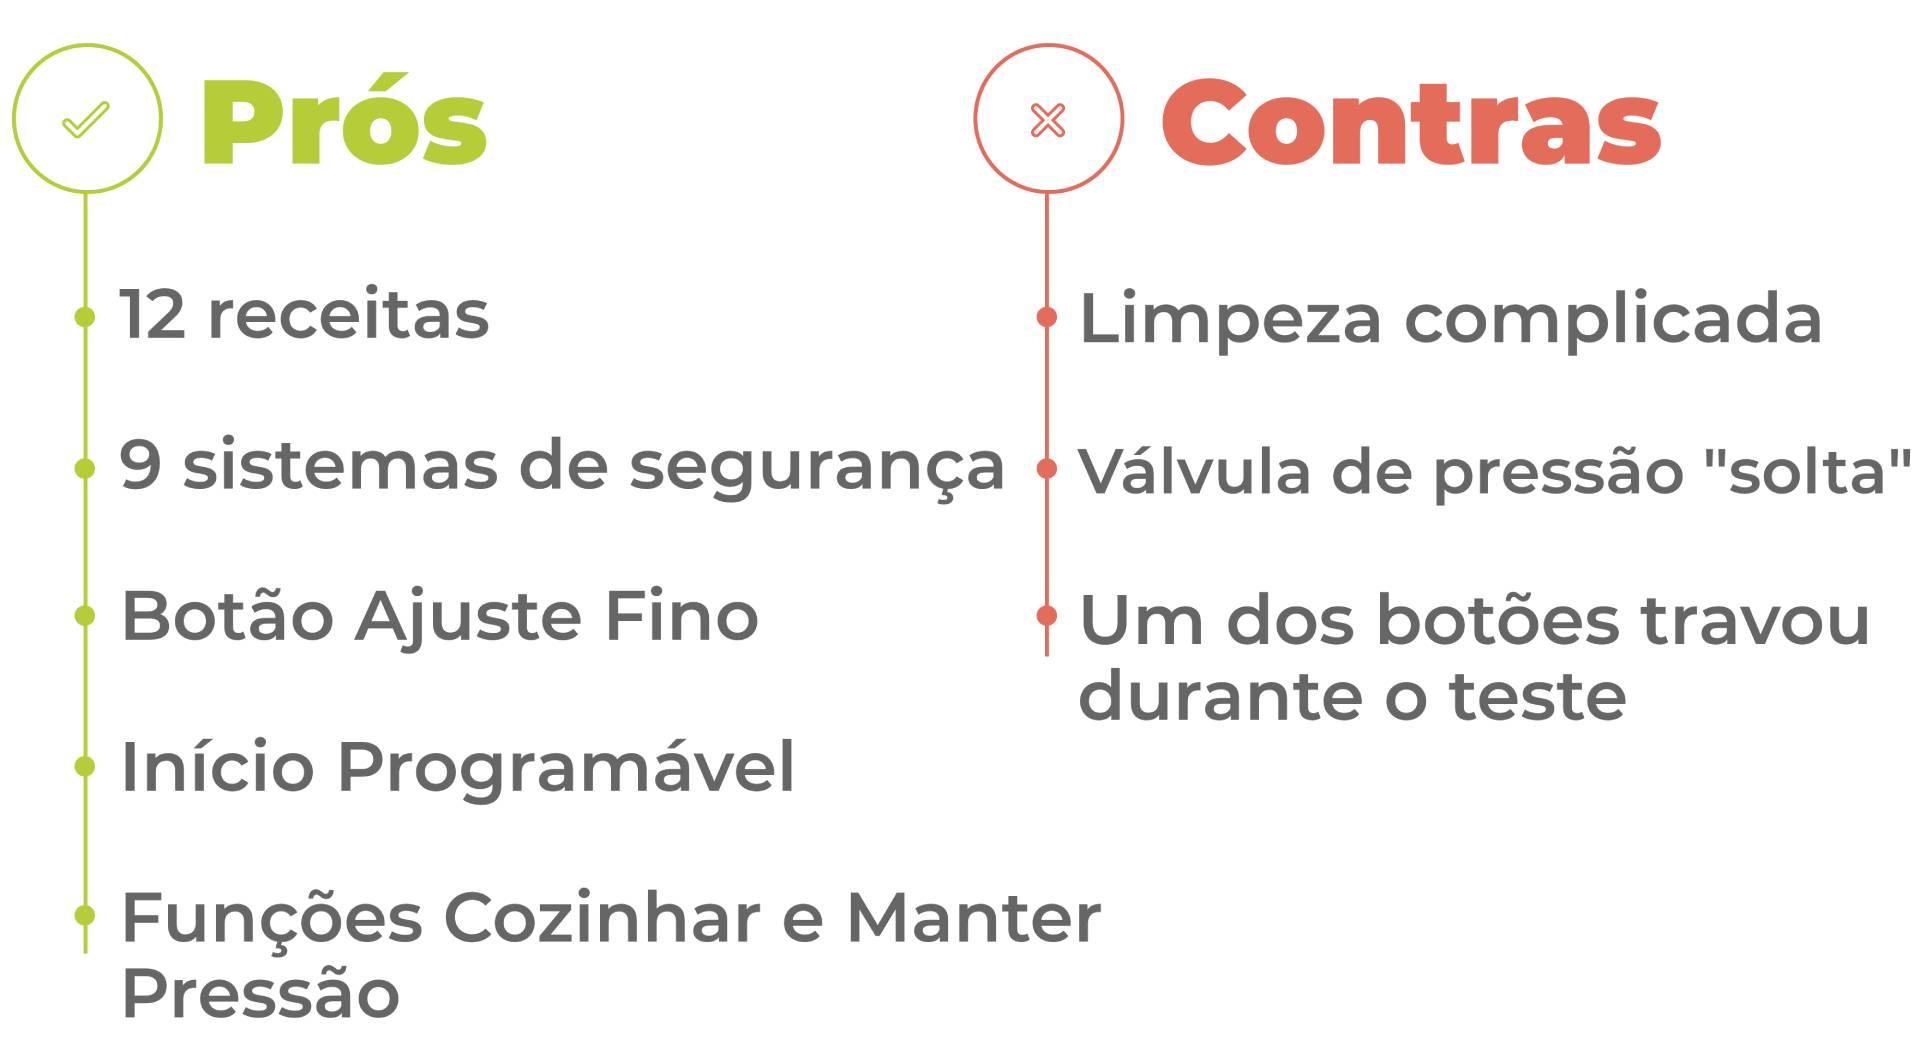 Listas de prós e contras da panela elétrica Philco com título de prós verde e de contras vermelho